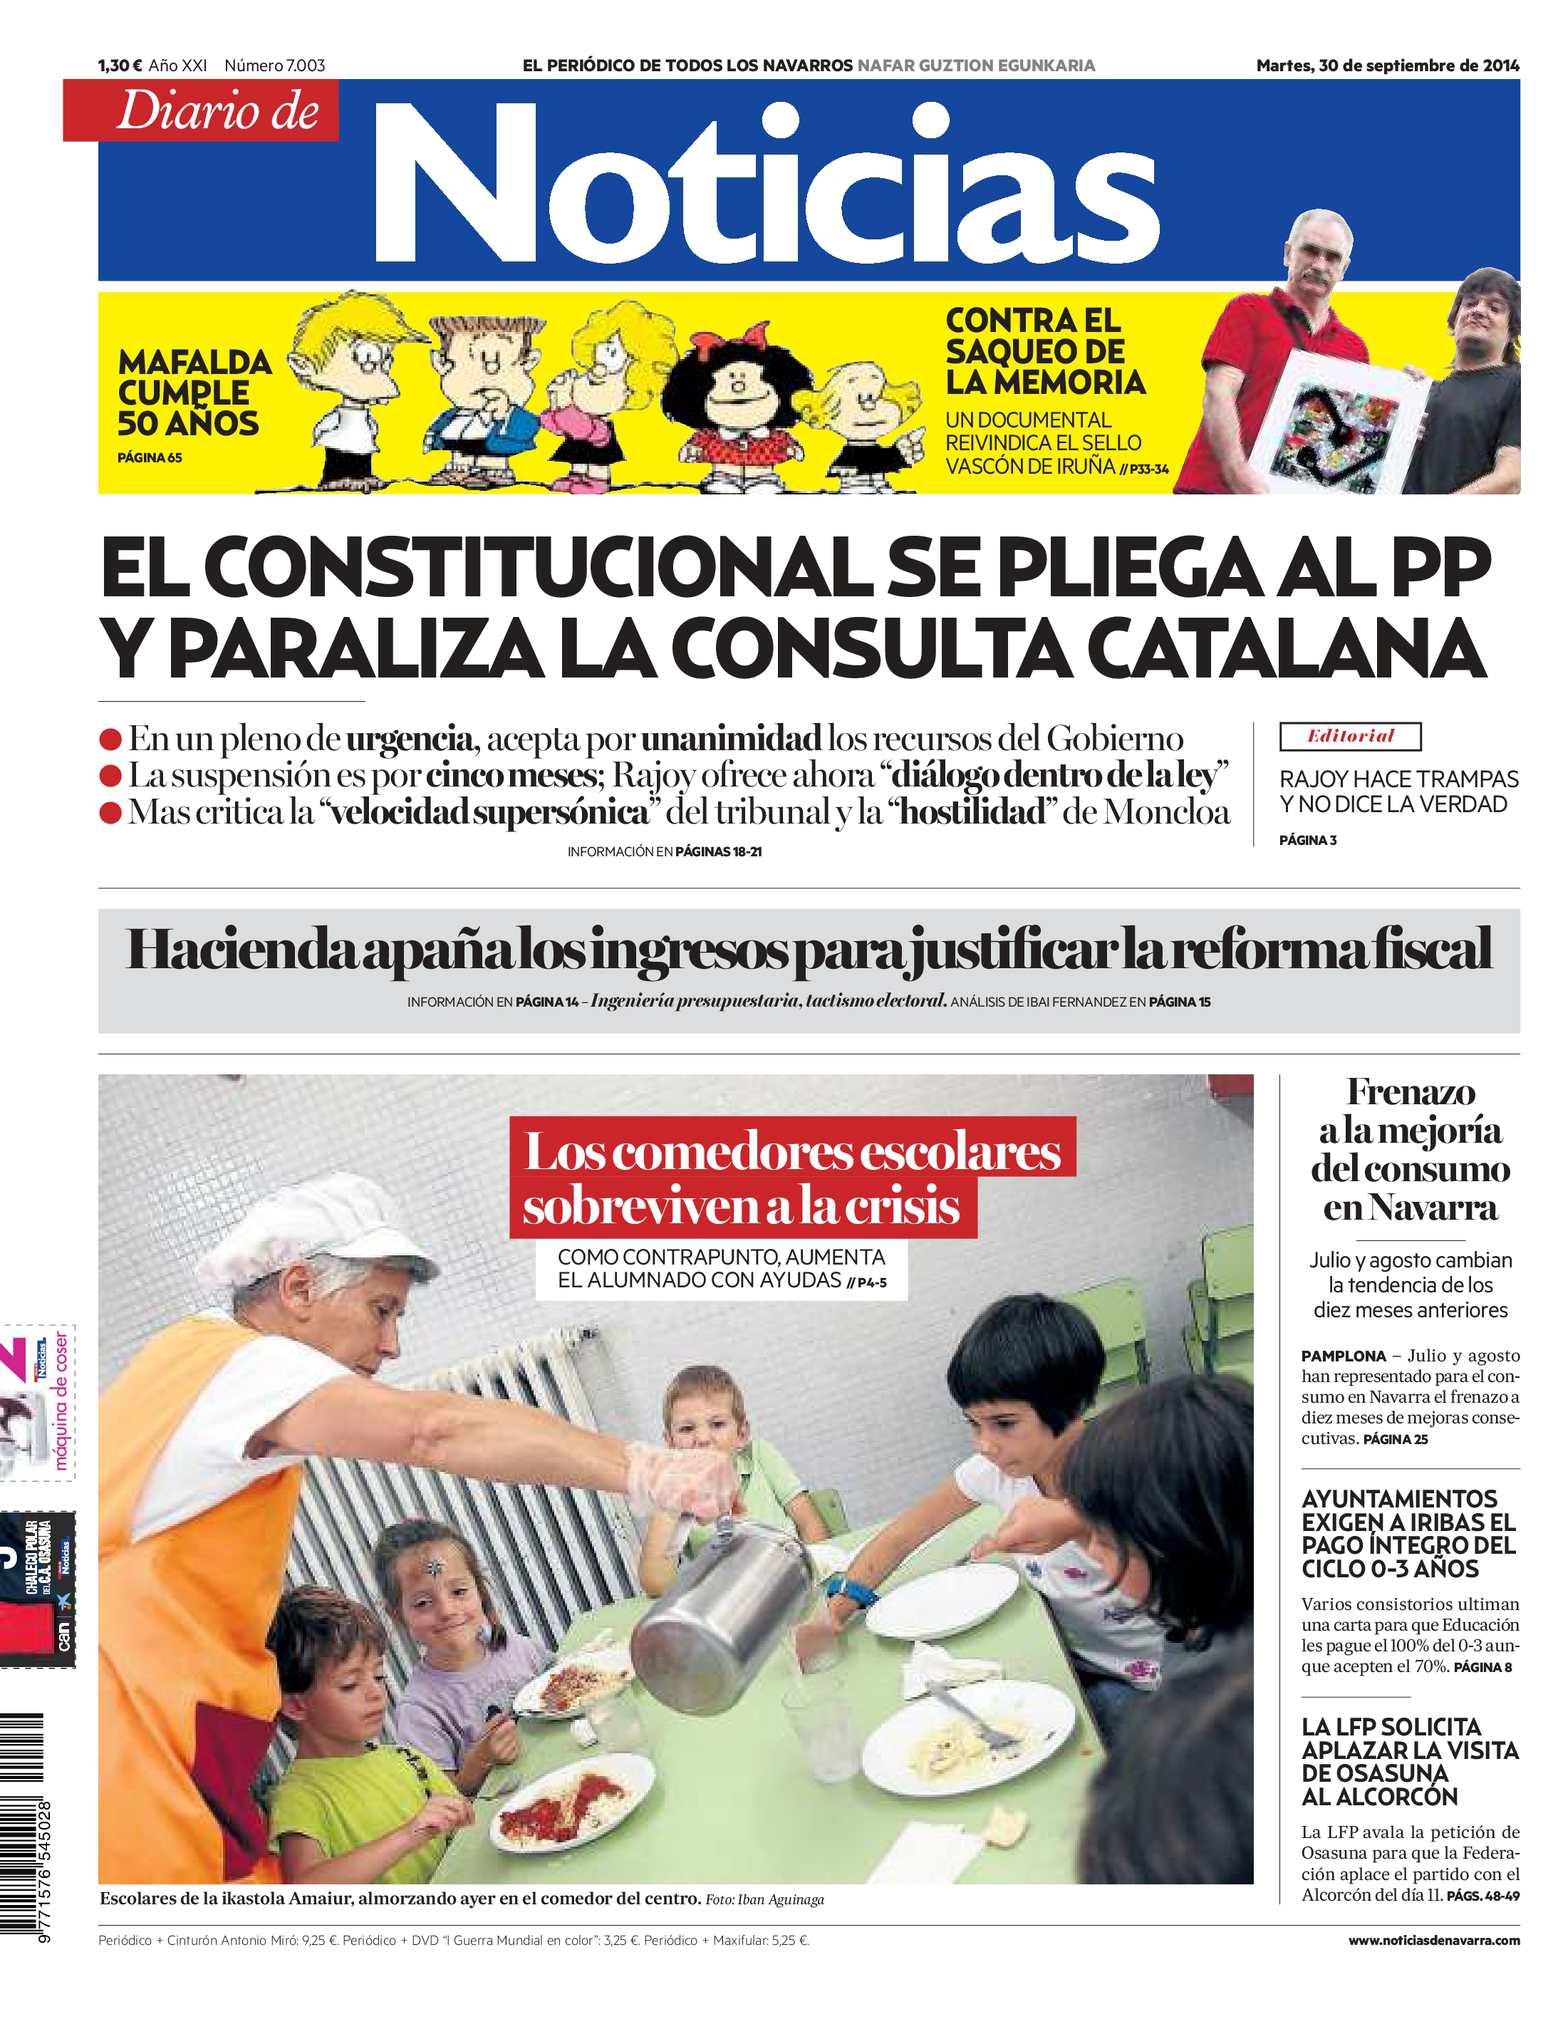 Calaméo - Diario de Noticias 20140930